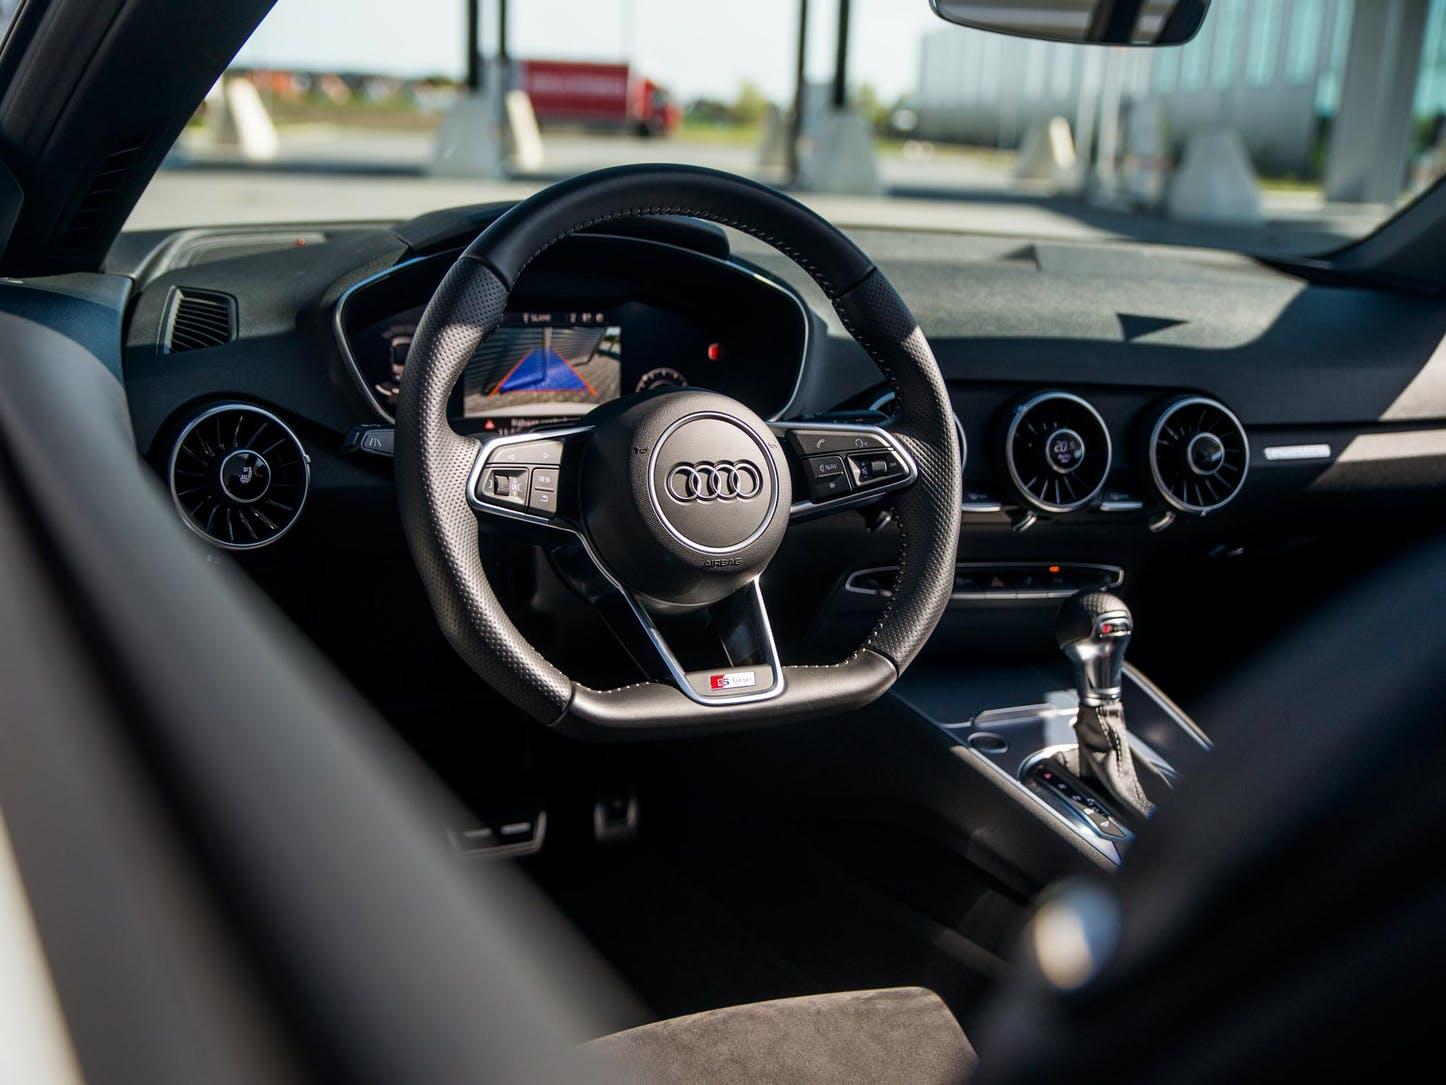 Tweedehands Audi TT Roadster 2016 occasion